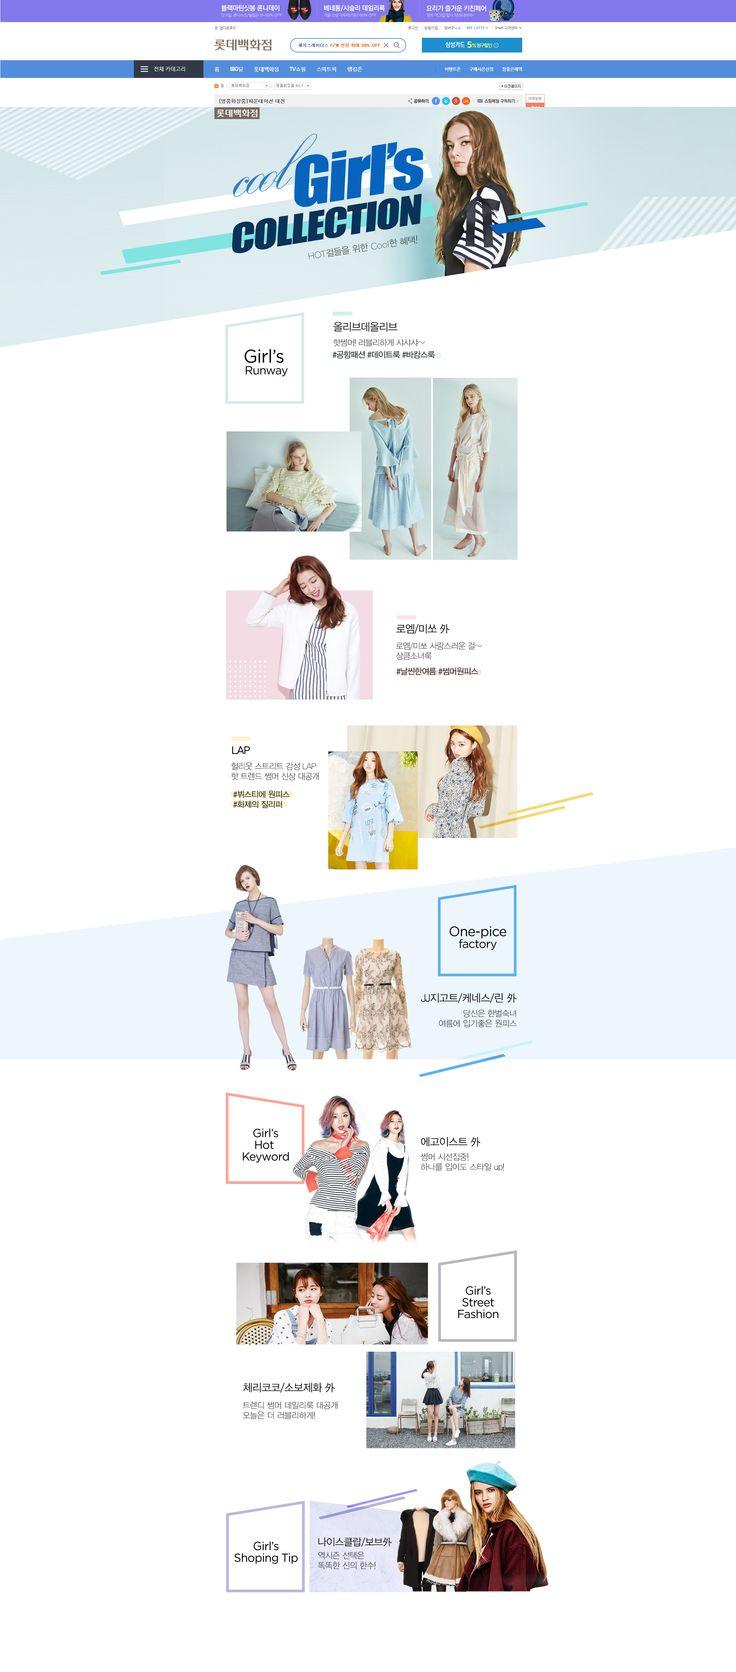 [롯데백화점] Girl's Collection 2차 open Designed by 유예림